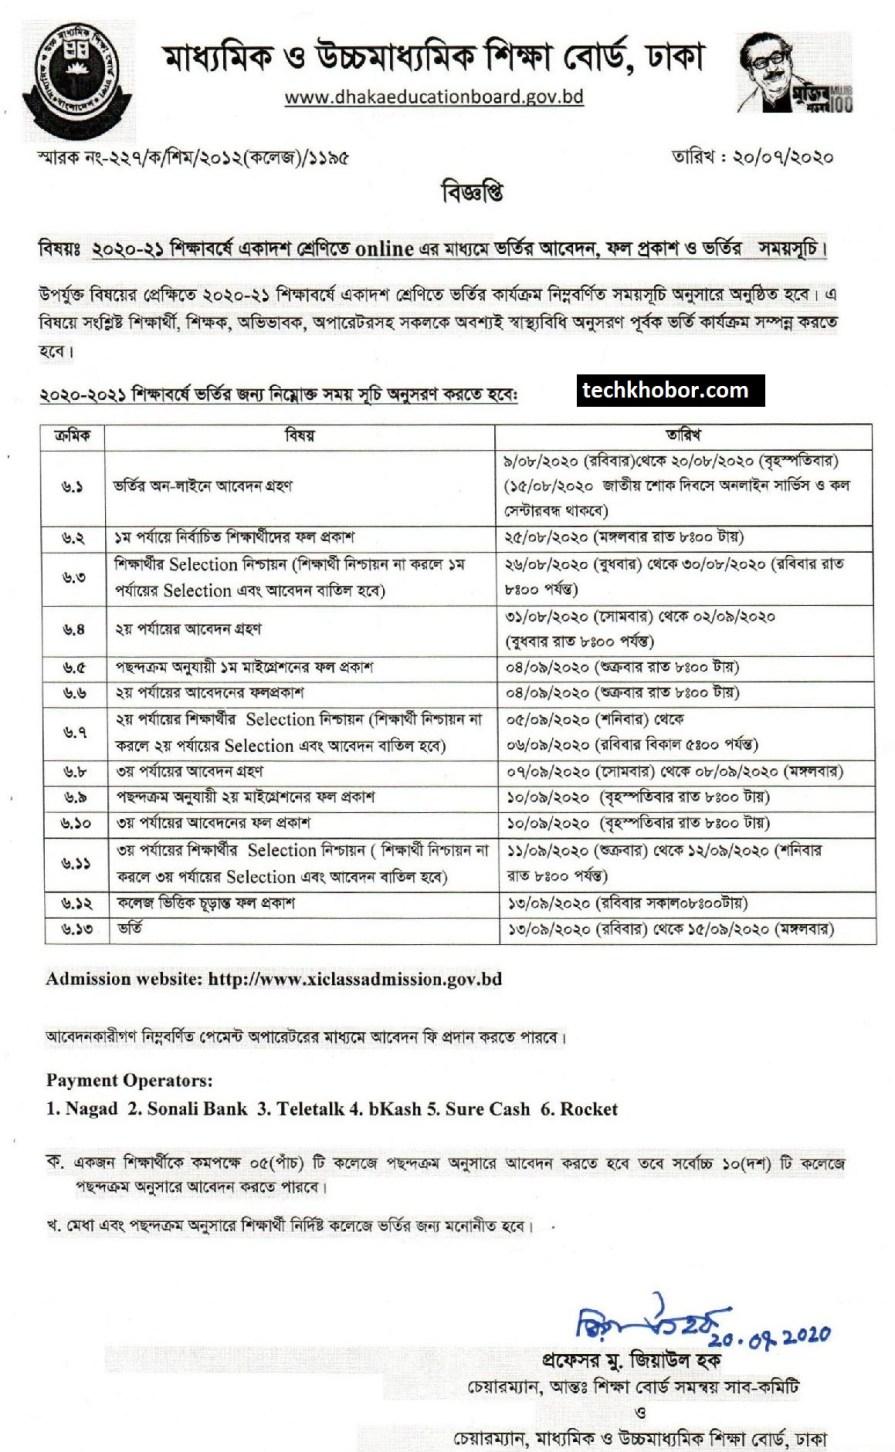 একাদশ-শ্রেণীতে-কলেজে-আলিম-ভর্তির-আবেদন-২০২০-২০২১